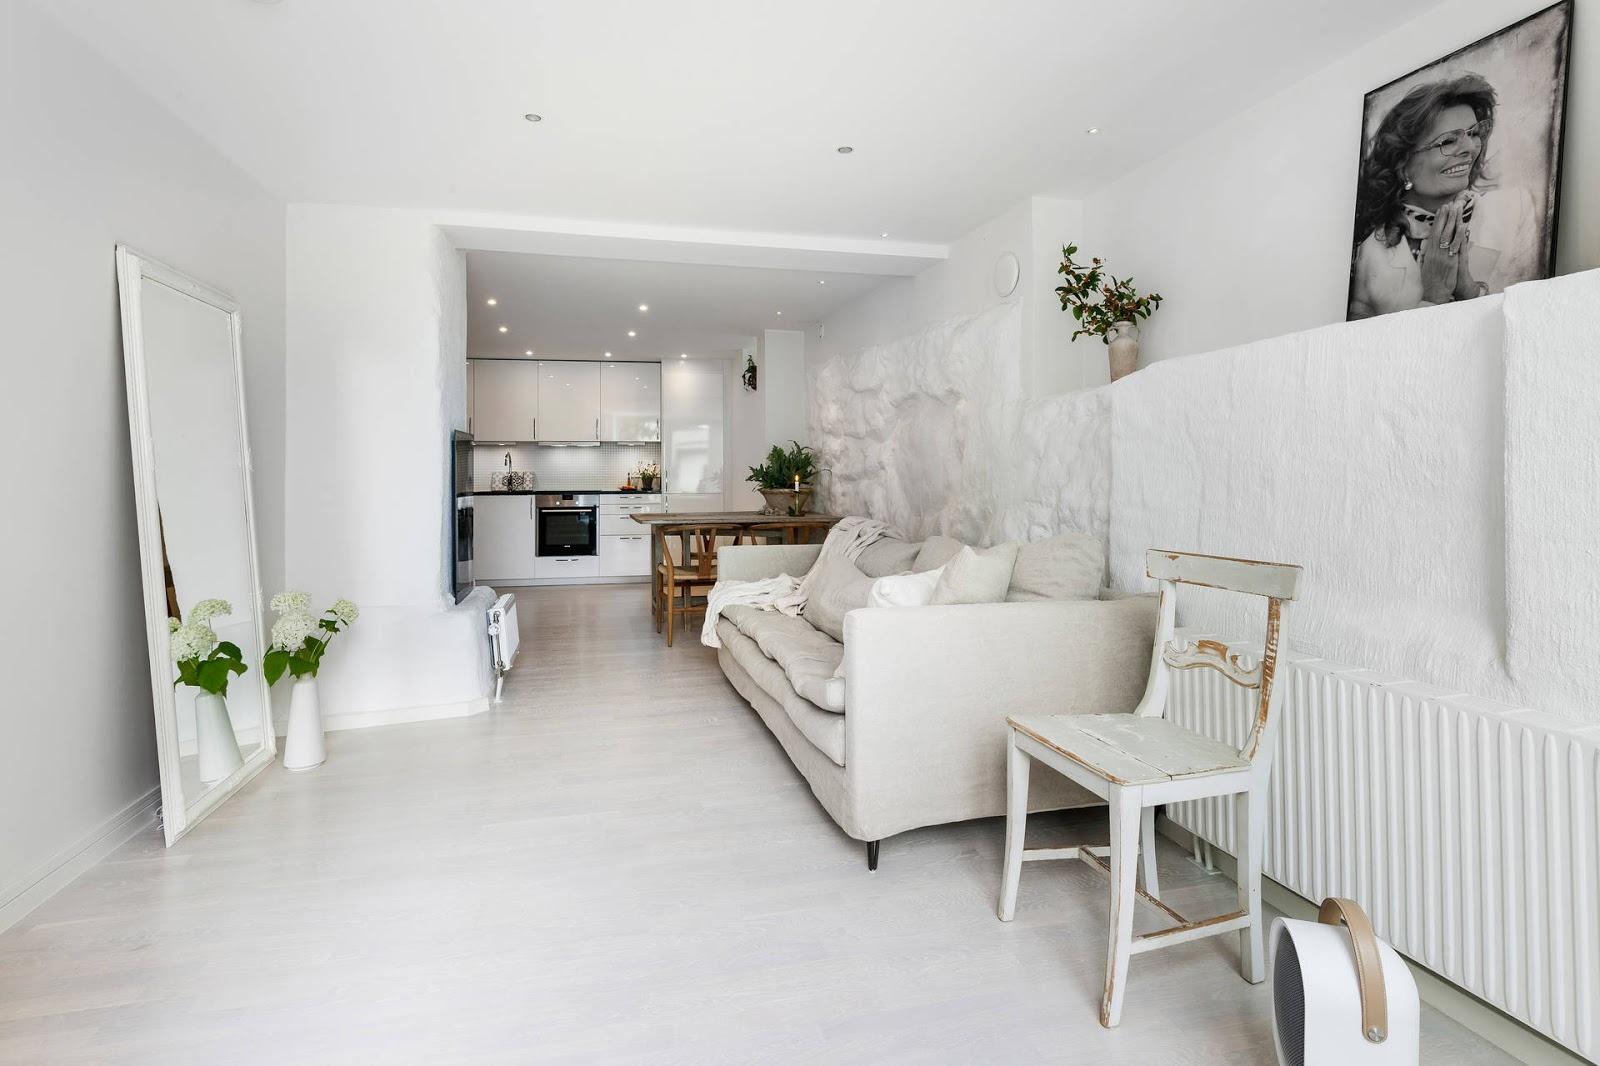 salon estilo nordico decoracion nordica sofa lino mesa vintage blanco cocina